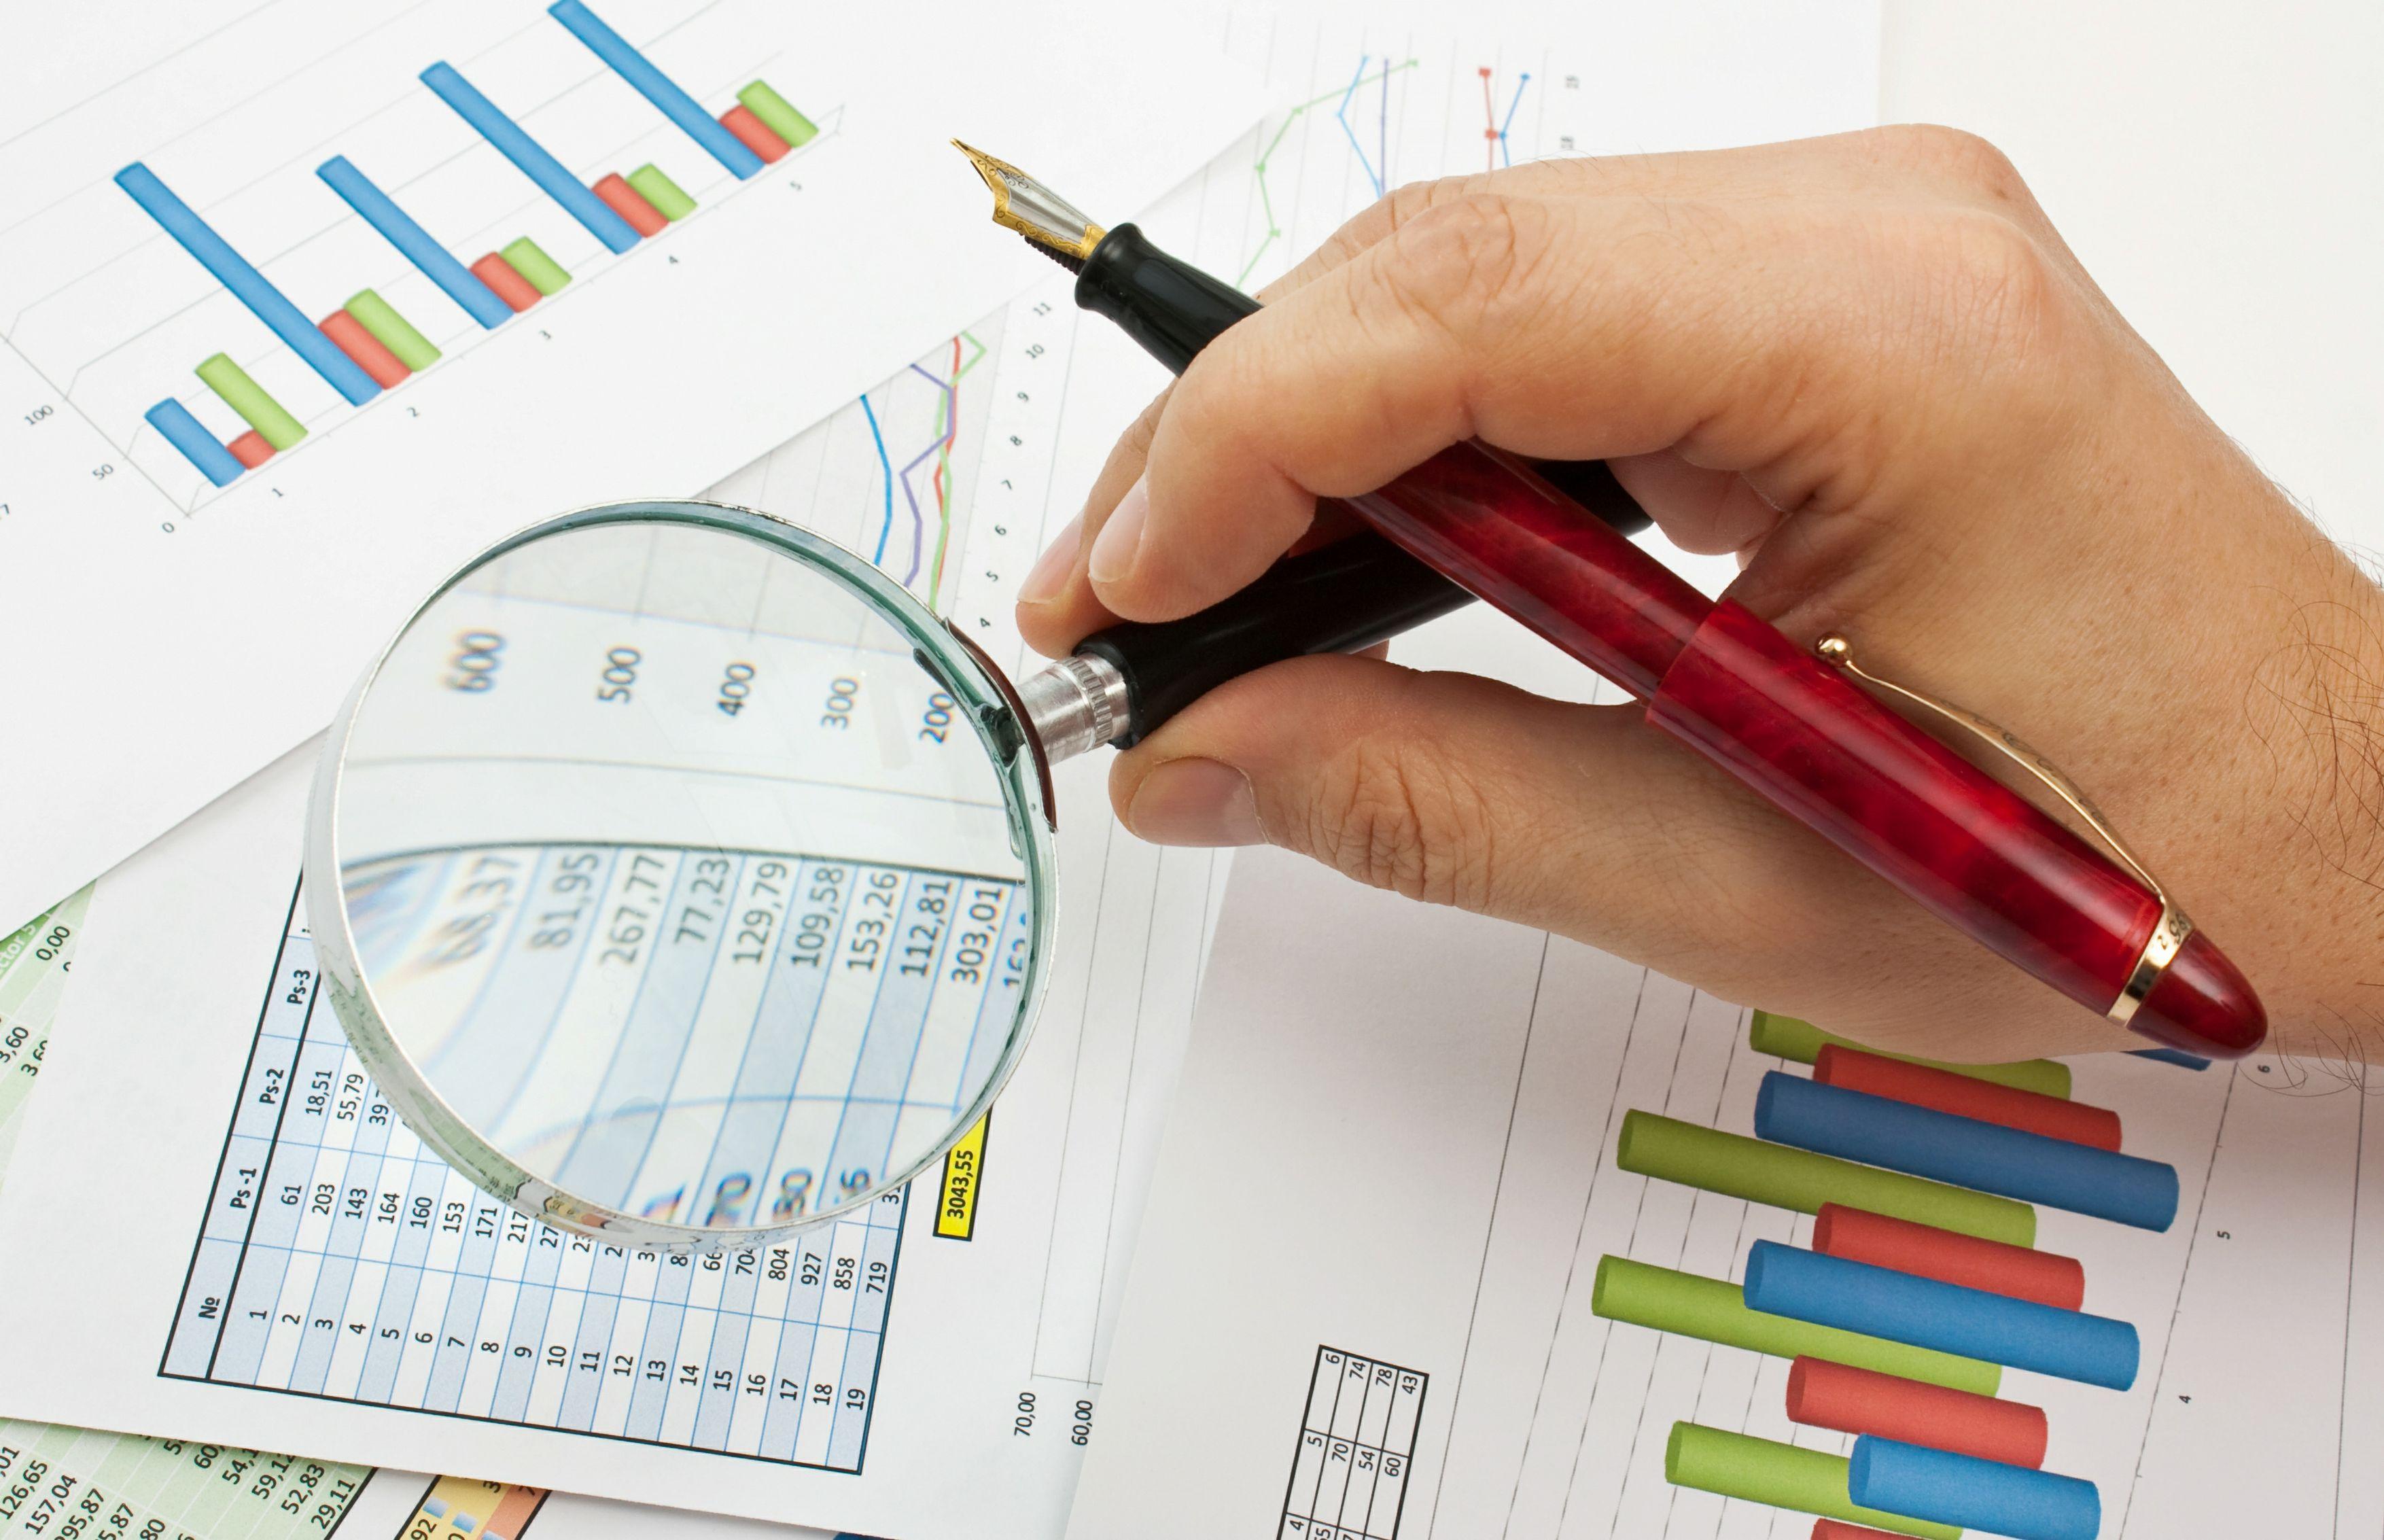 格隆汇港股聚焦(1.24)︱复星医药授出一项新选择权 拟最高4.7亿美元受让印度药企Gland Pharma 22.08%的股份